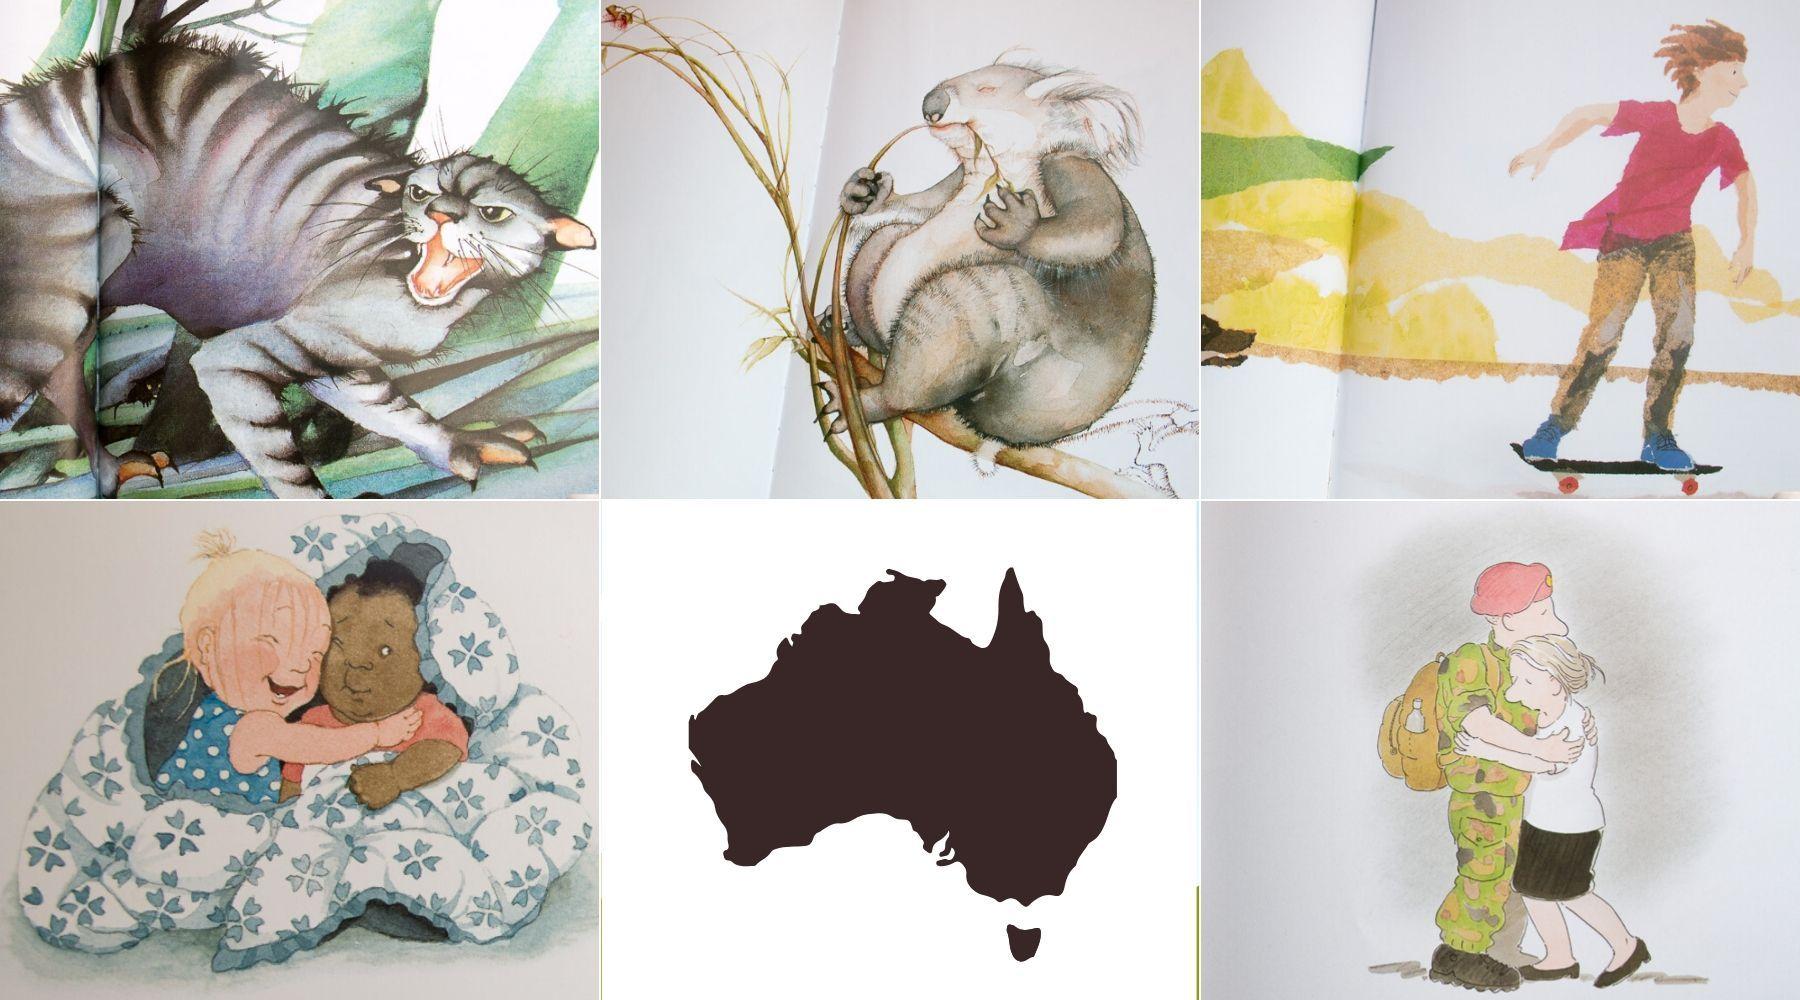 Australijska literatura dziecięca - dlaczego książki z Australii są zupełnie inne? Kim jest Mem Fox?